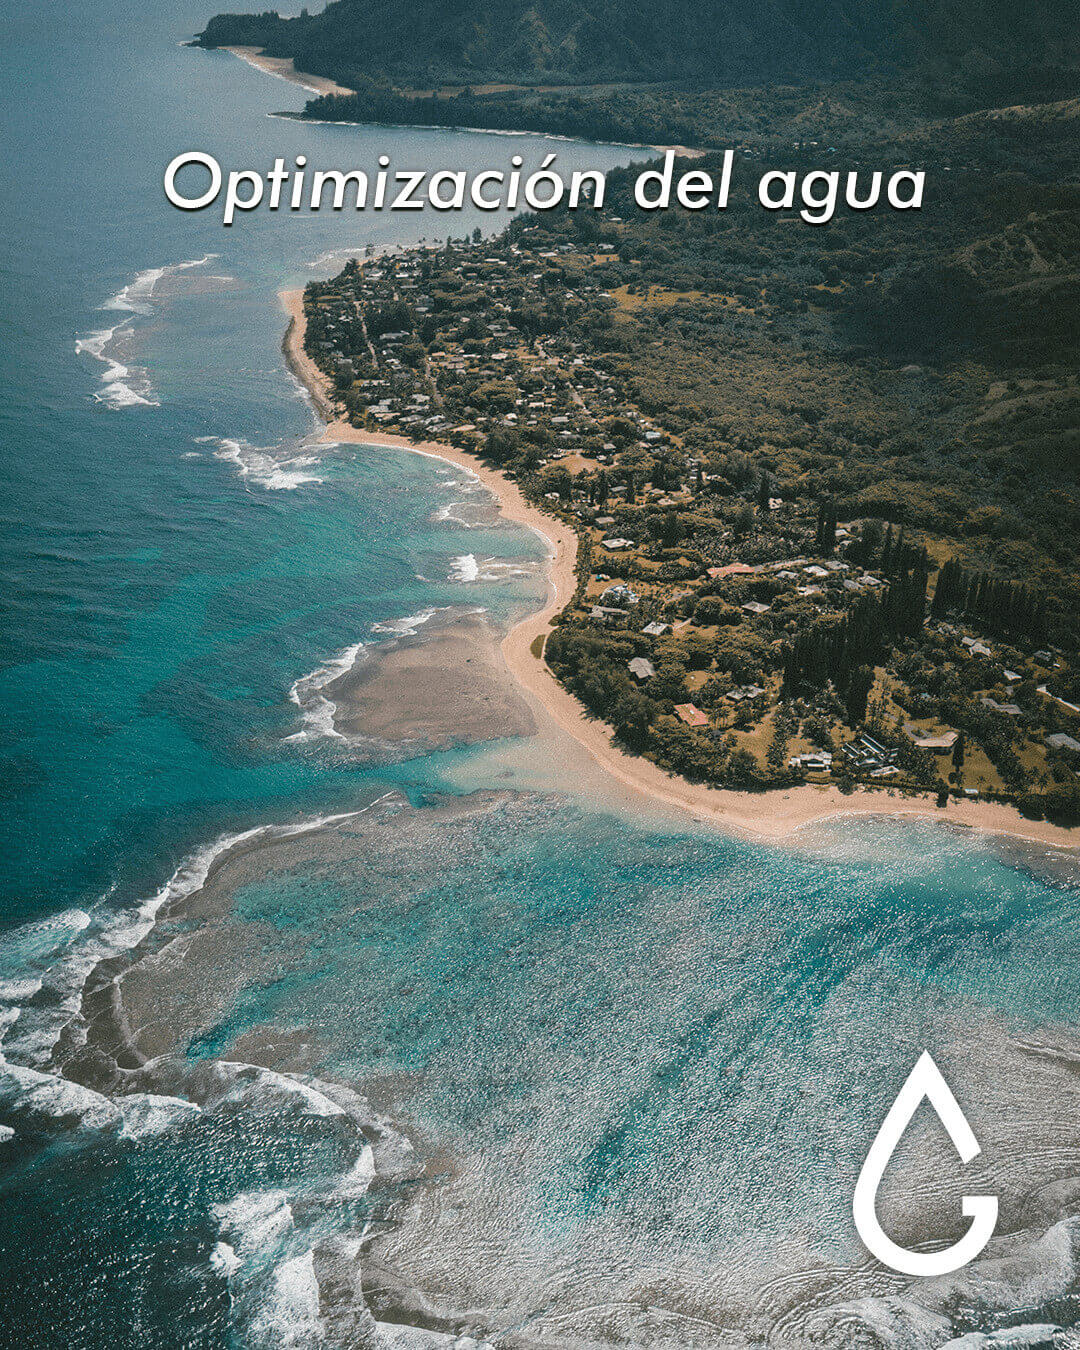 Optimización del agua.